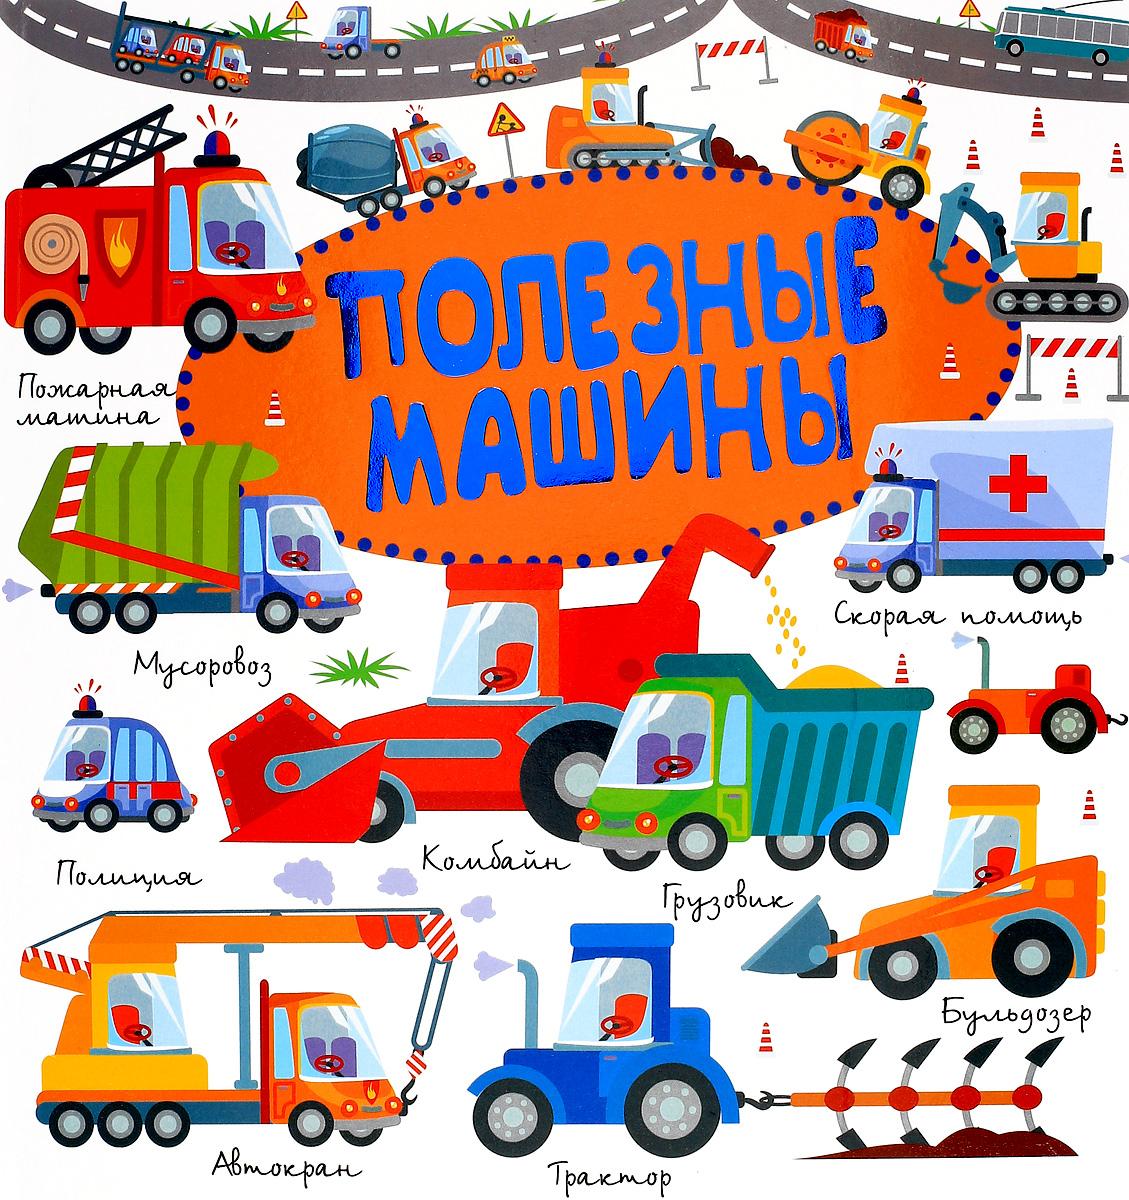 Л. В. Доманская, И. М. Попова Полезные машины вязальные машины для дома в беларуссии